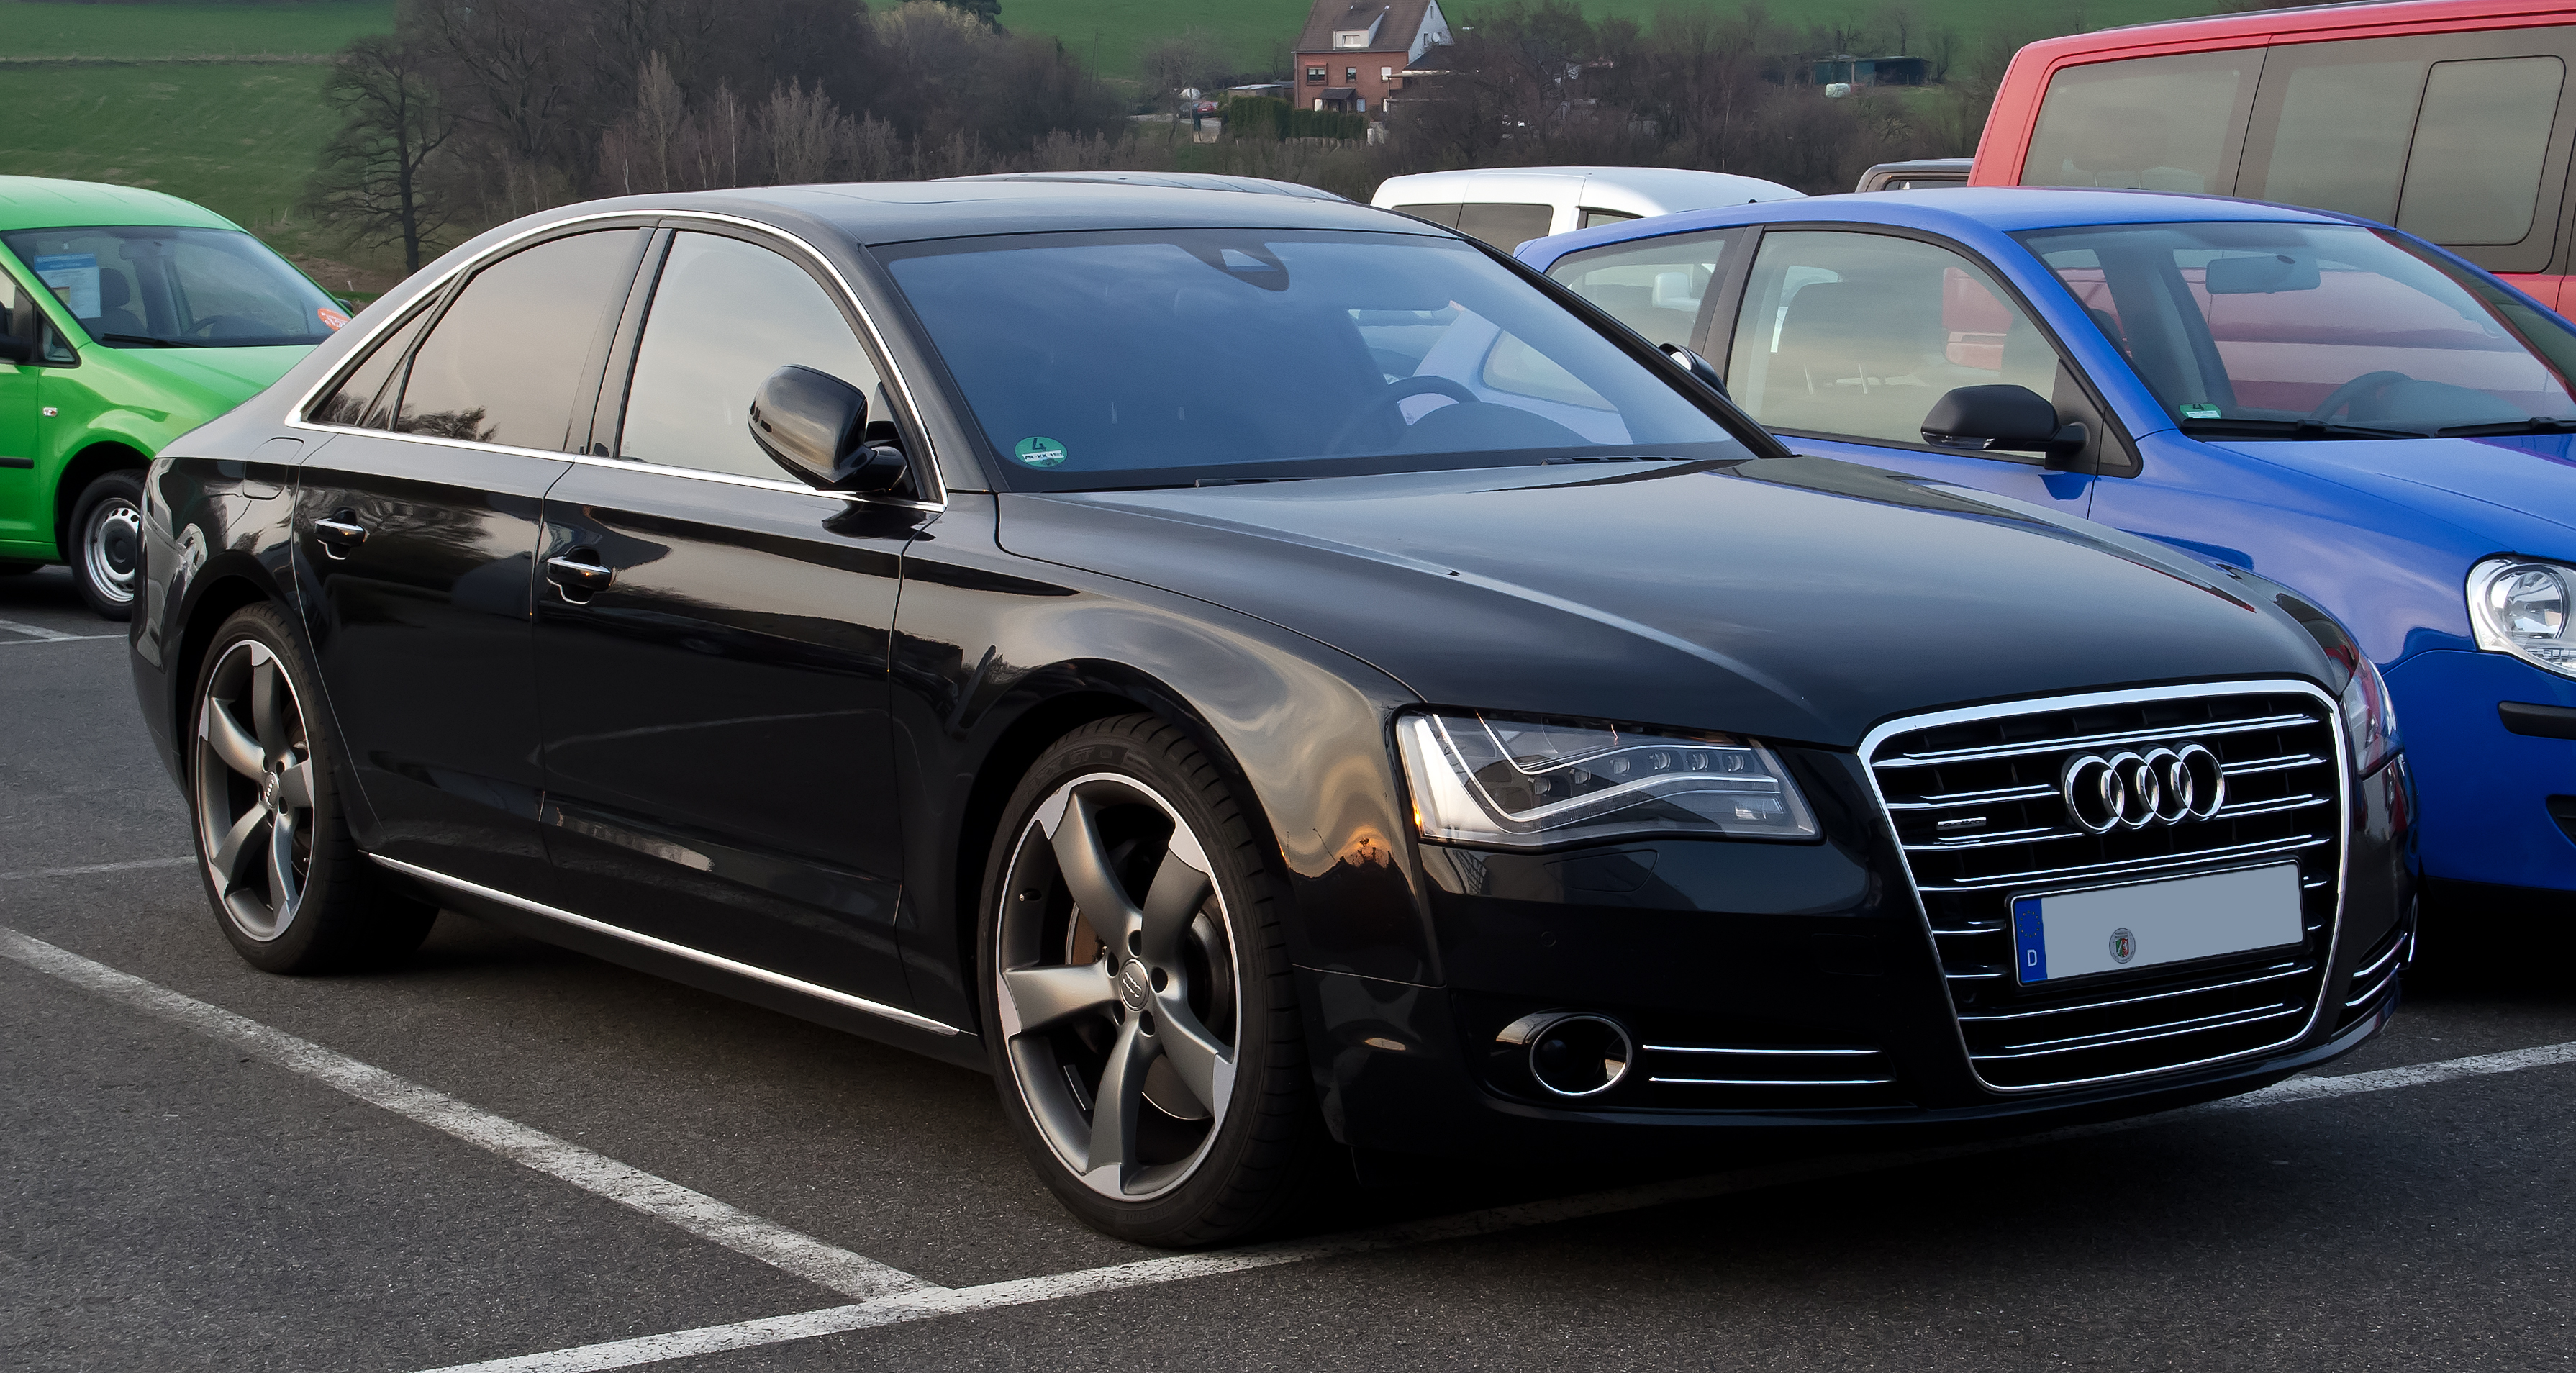 Kekurangan Audi D4 Perbandingan Harga